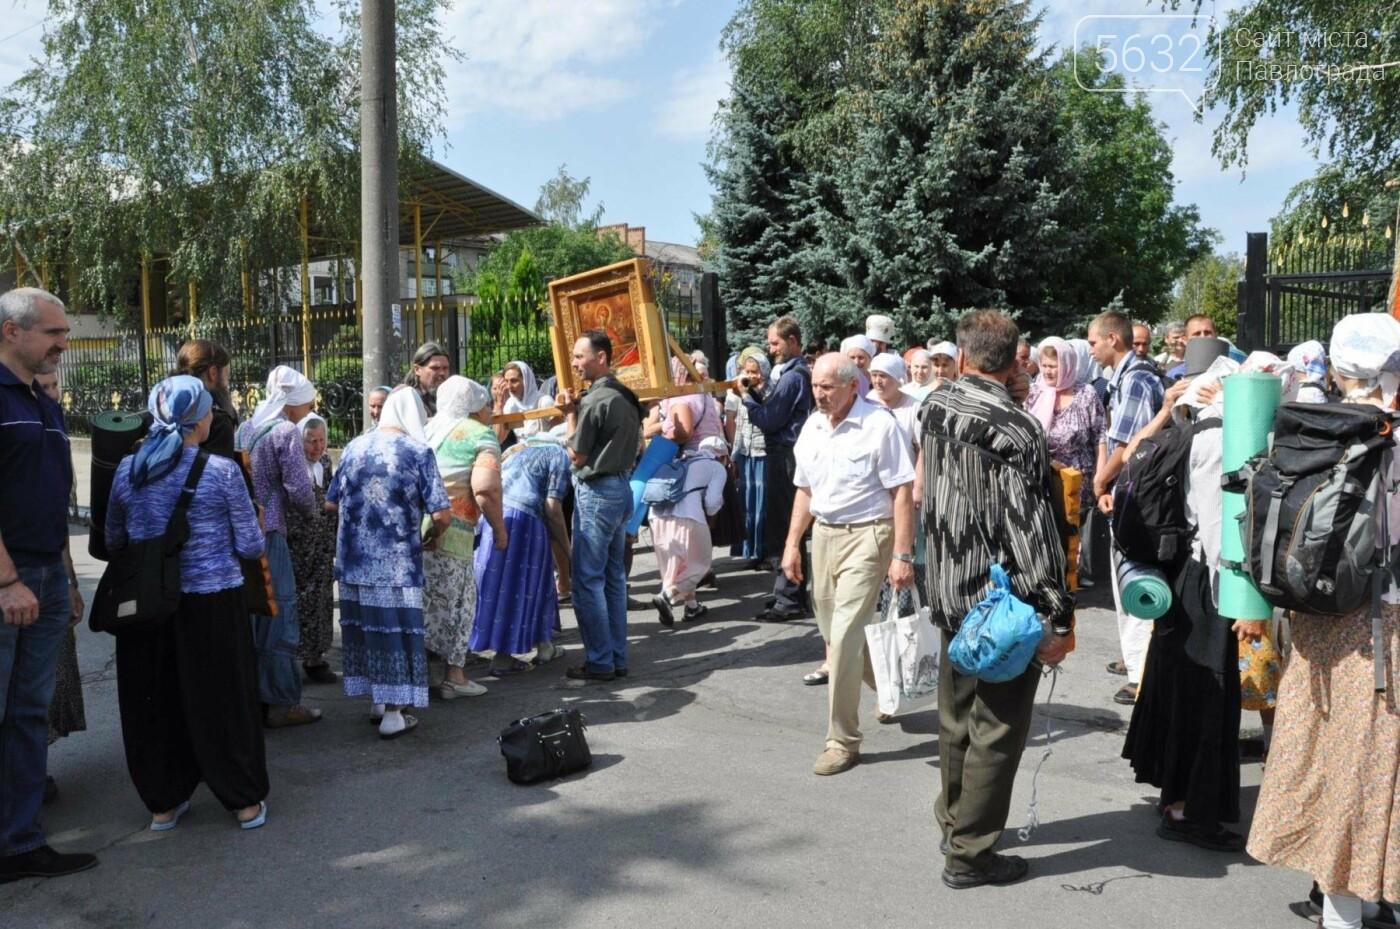 Через Павлоград прошел крестный ход с чудотворной иконой, фото-3